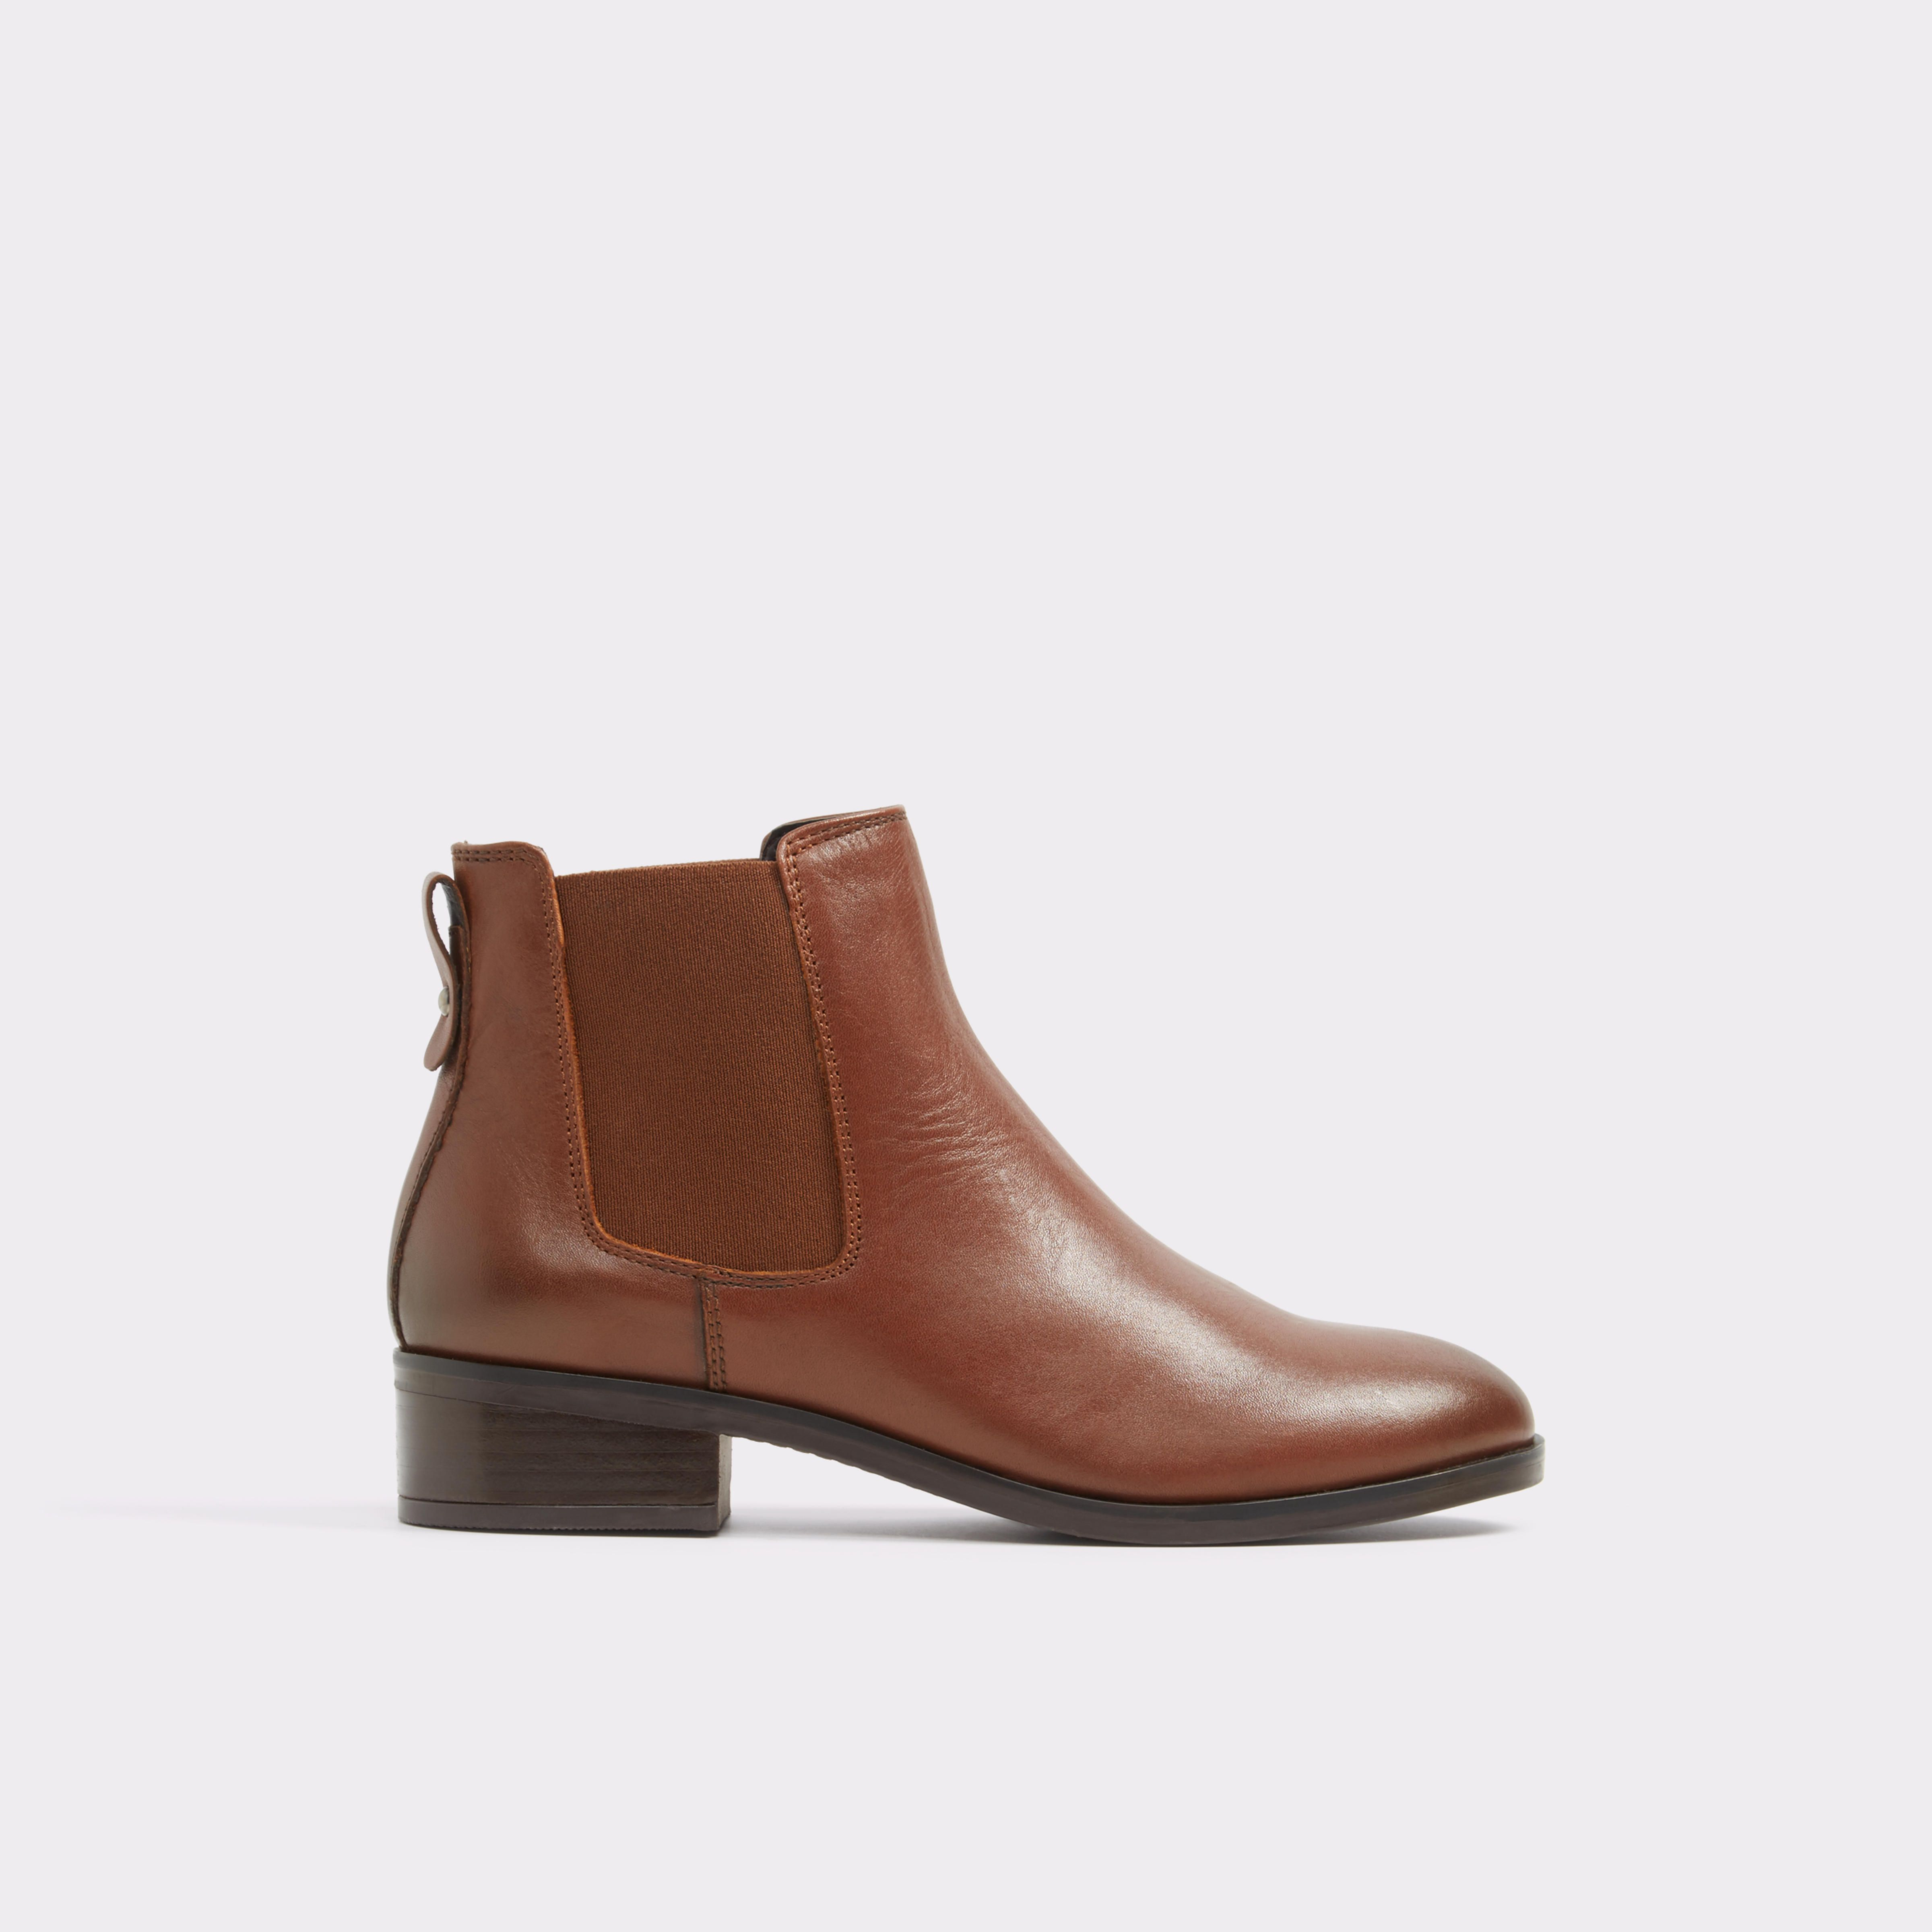 Meaven Cognac Women's Ankle boots